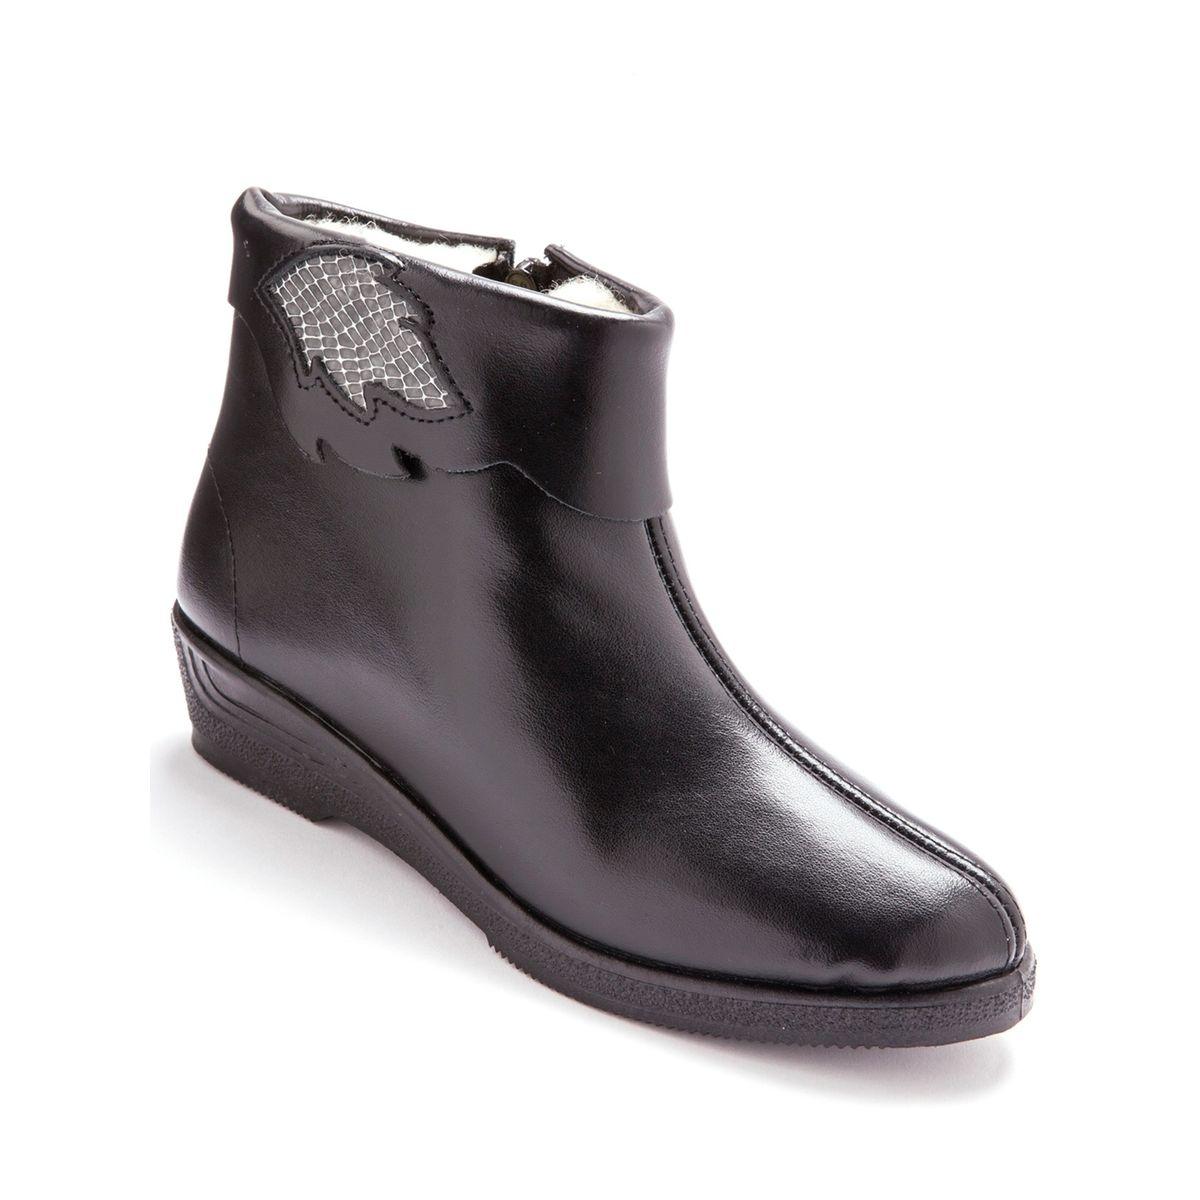 Boots cuir, fourrés pure laine